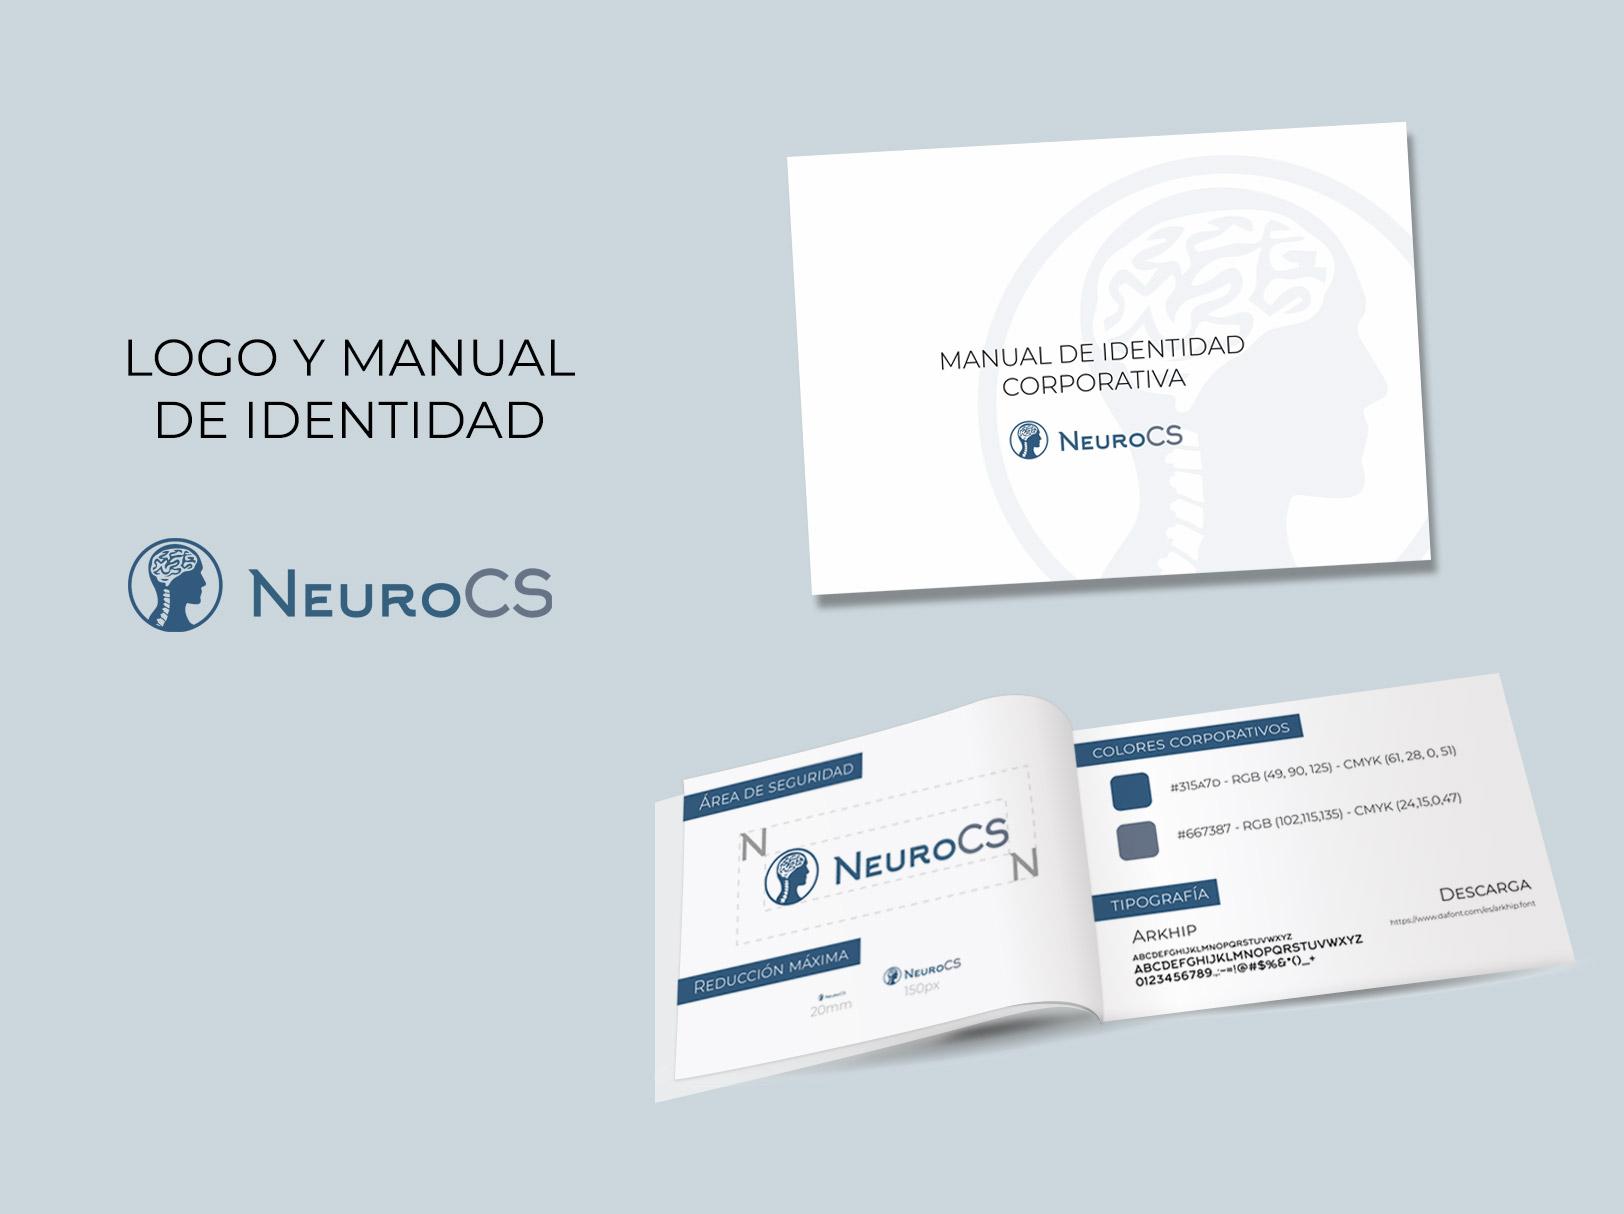 logo y manual identidad clinica